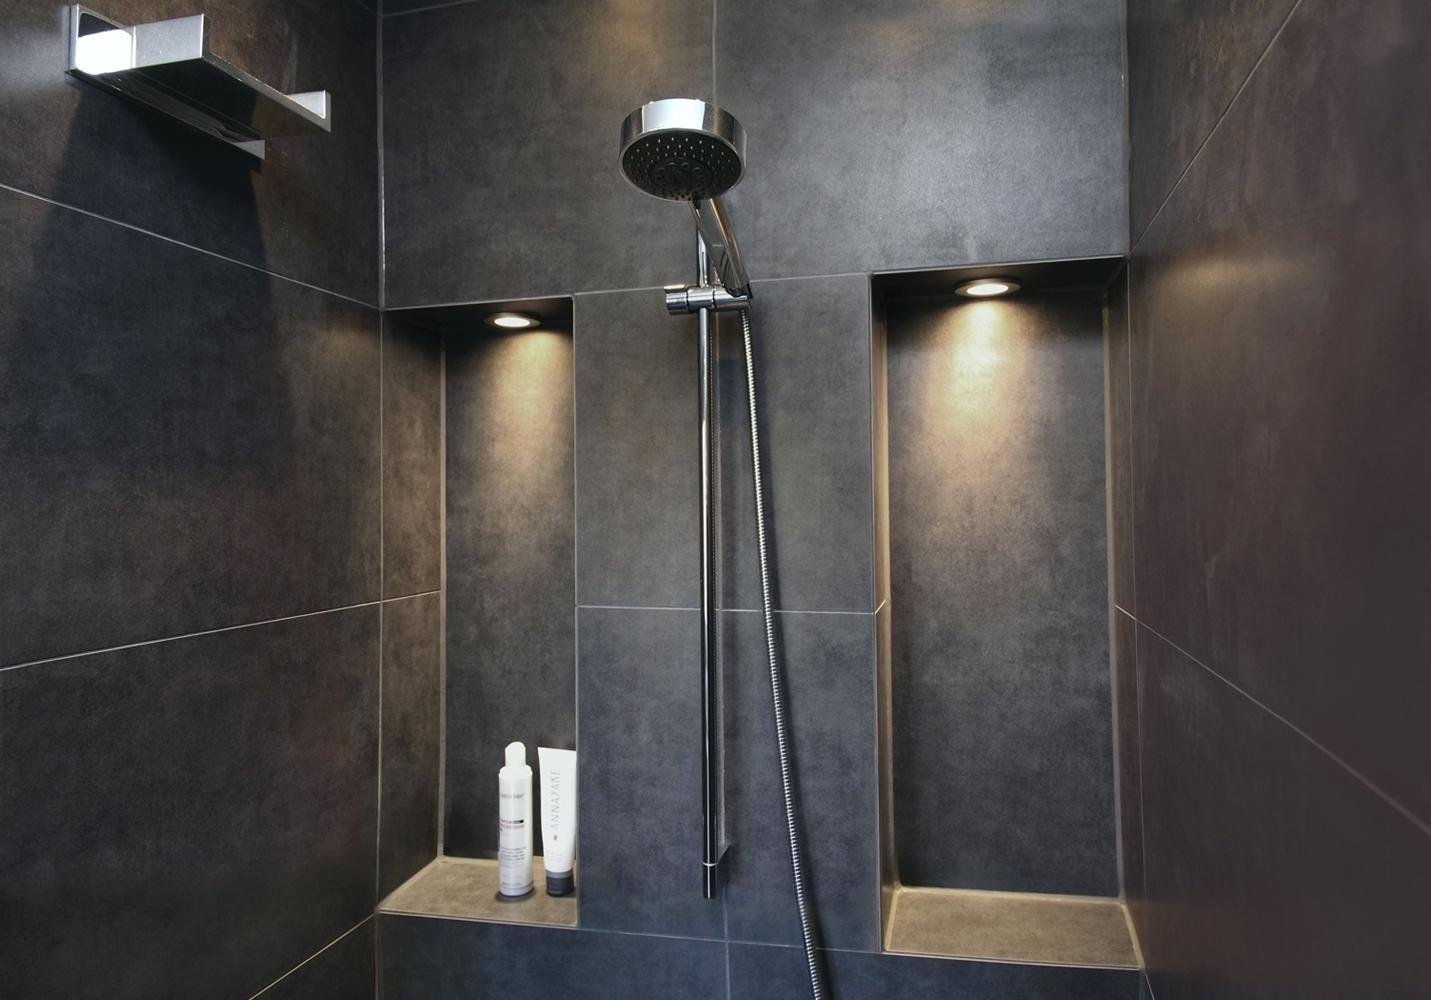 12 Dusche Leuchte Bad Lampe Badezimmer Der Licht In Ip Beleuchtung Wand Eintagamsee Lampe Badezimmer Badezimmer Beleuchtung